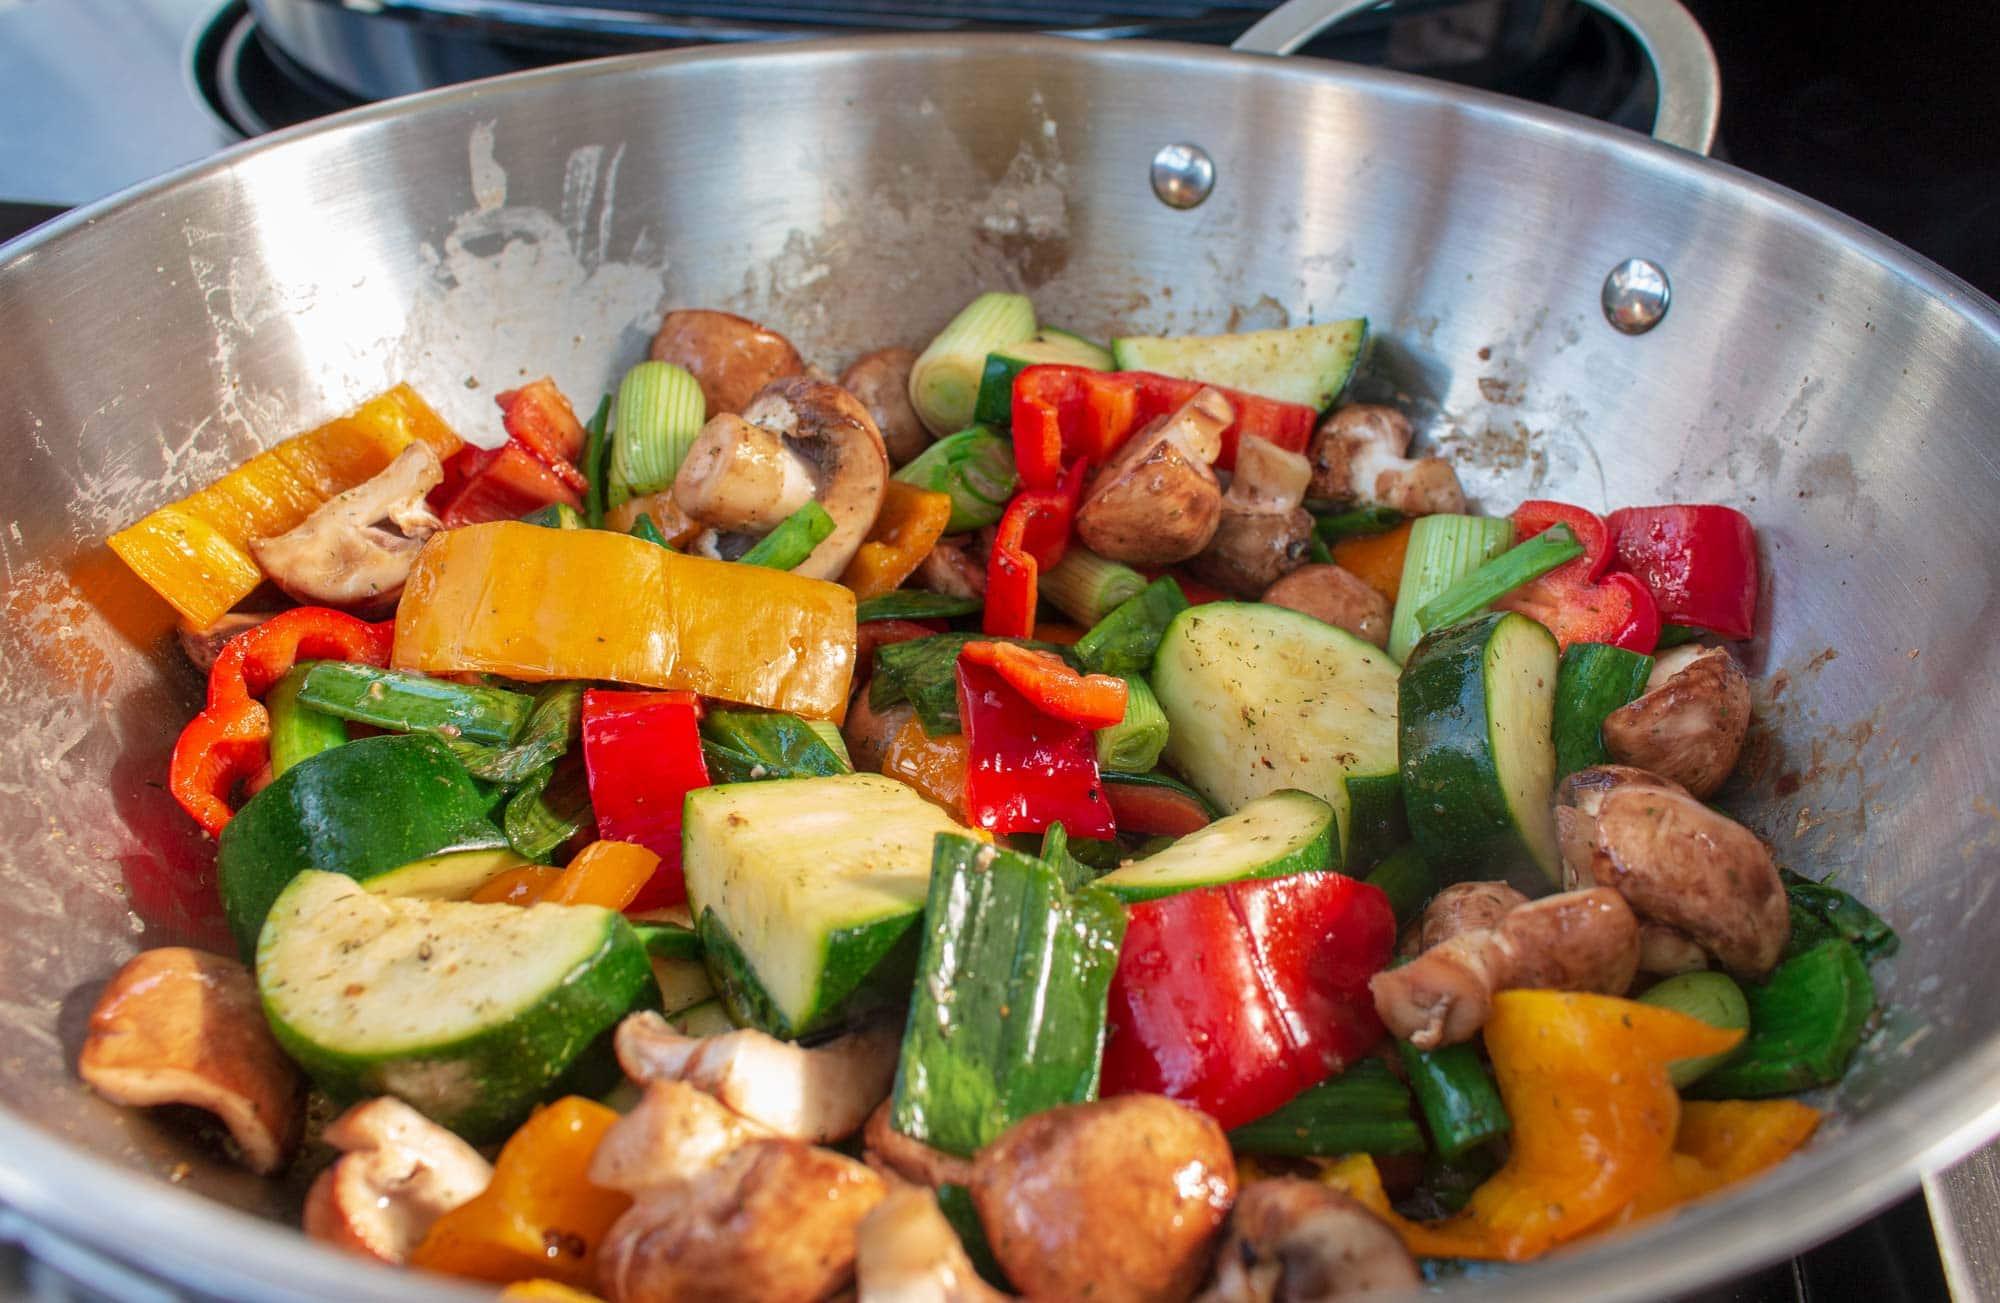 Vegetarisch grillen – was gilt es zu beachten?